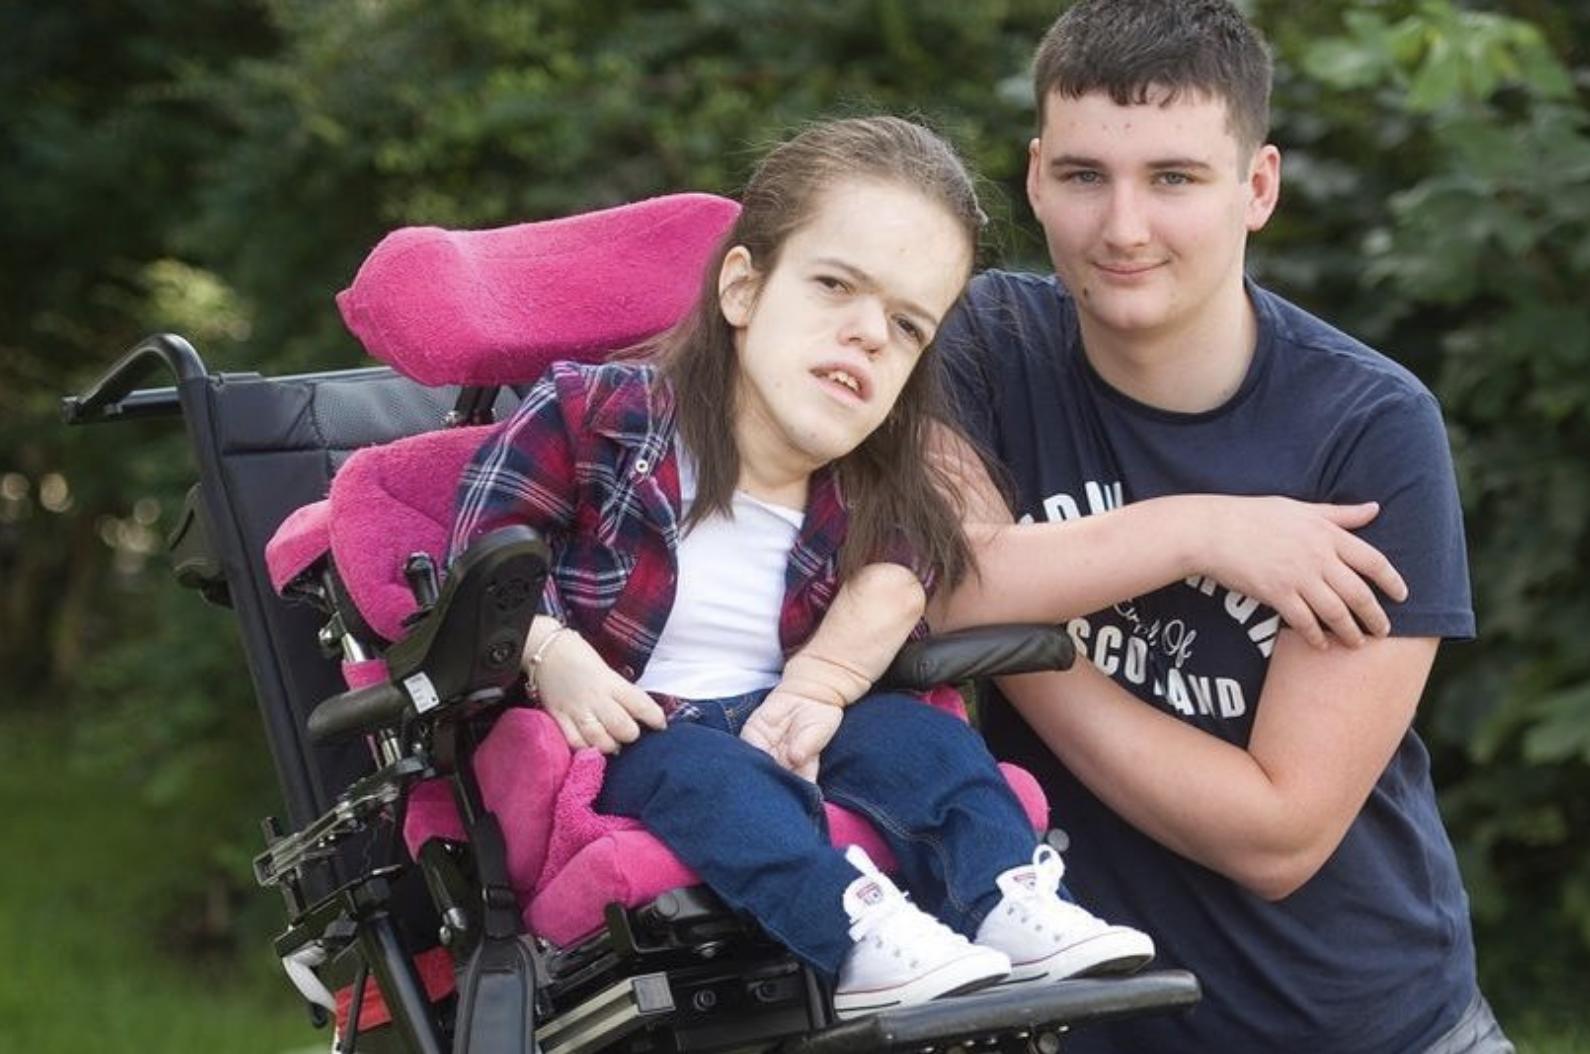 26岁侏儒女孩肺被脊椎压碎,最后心愿是和17岁抑郁症男友结婚